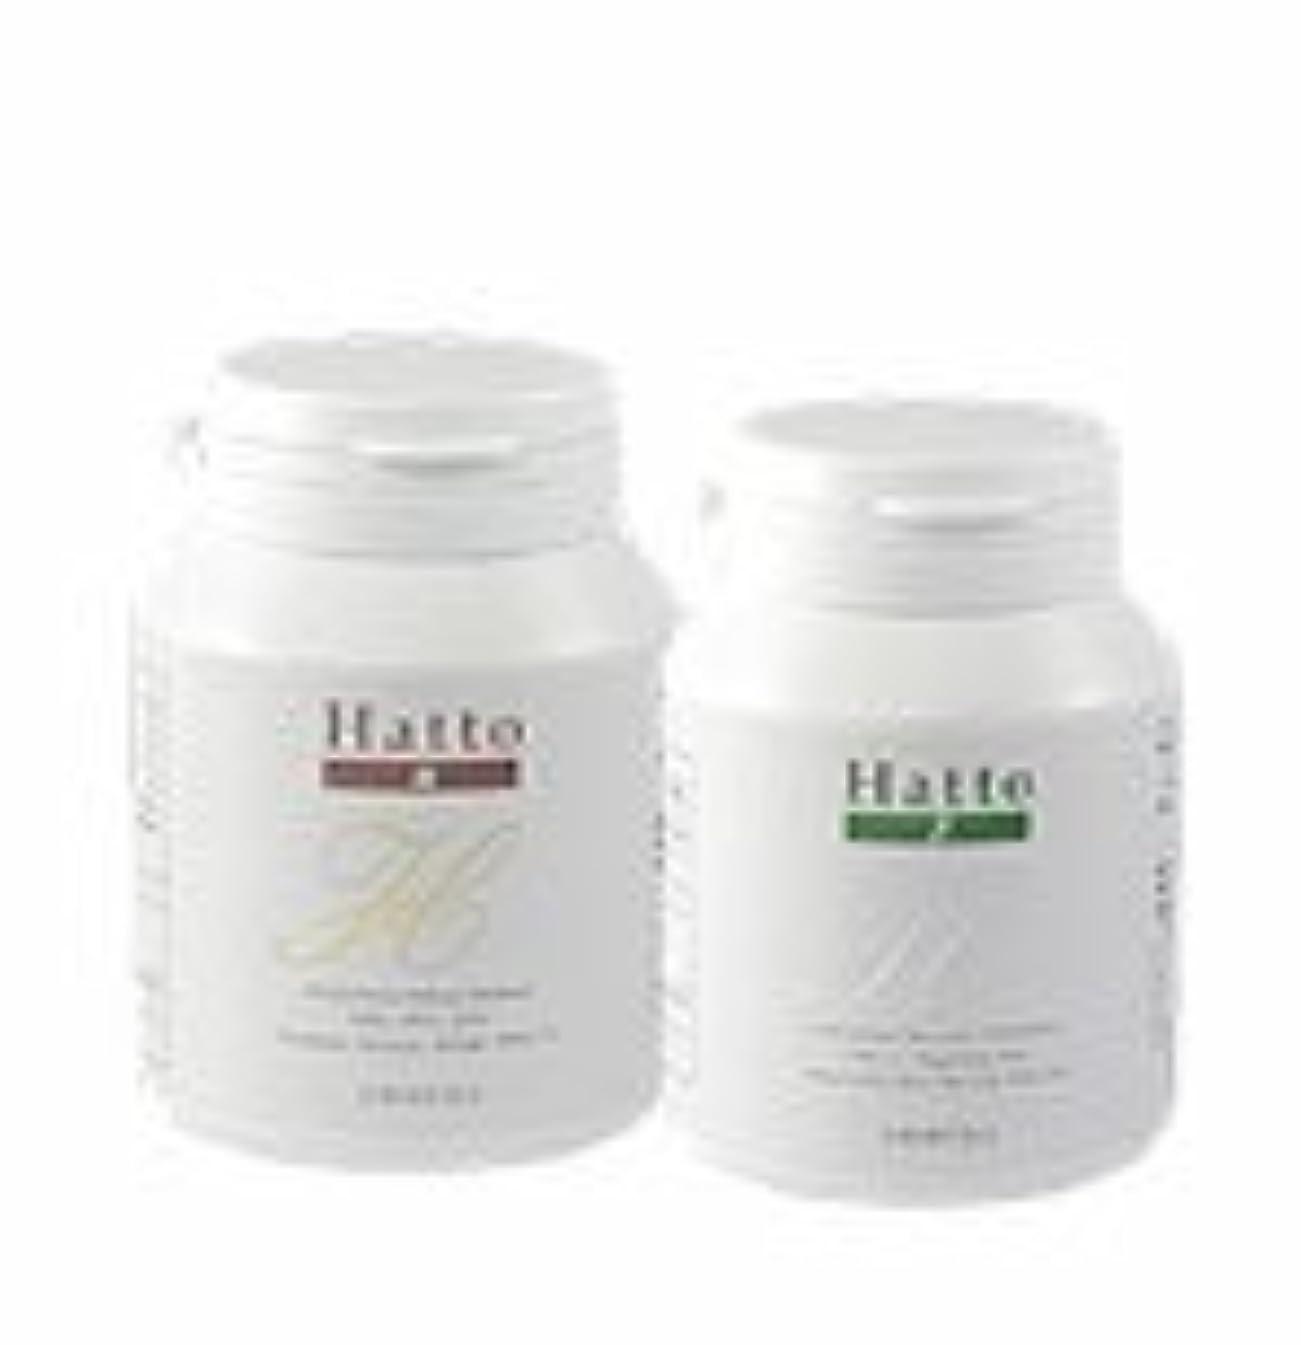 いたずら寄付する成果Hatto 育毛サプリメント 飲む育毛剤お試しパック(1ヶ月分)